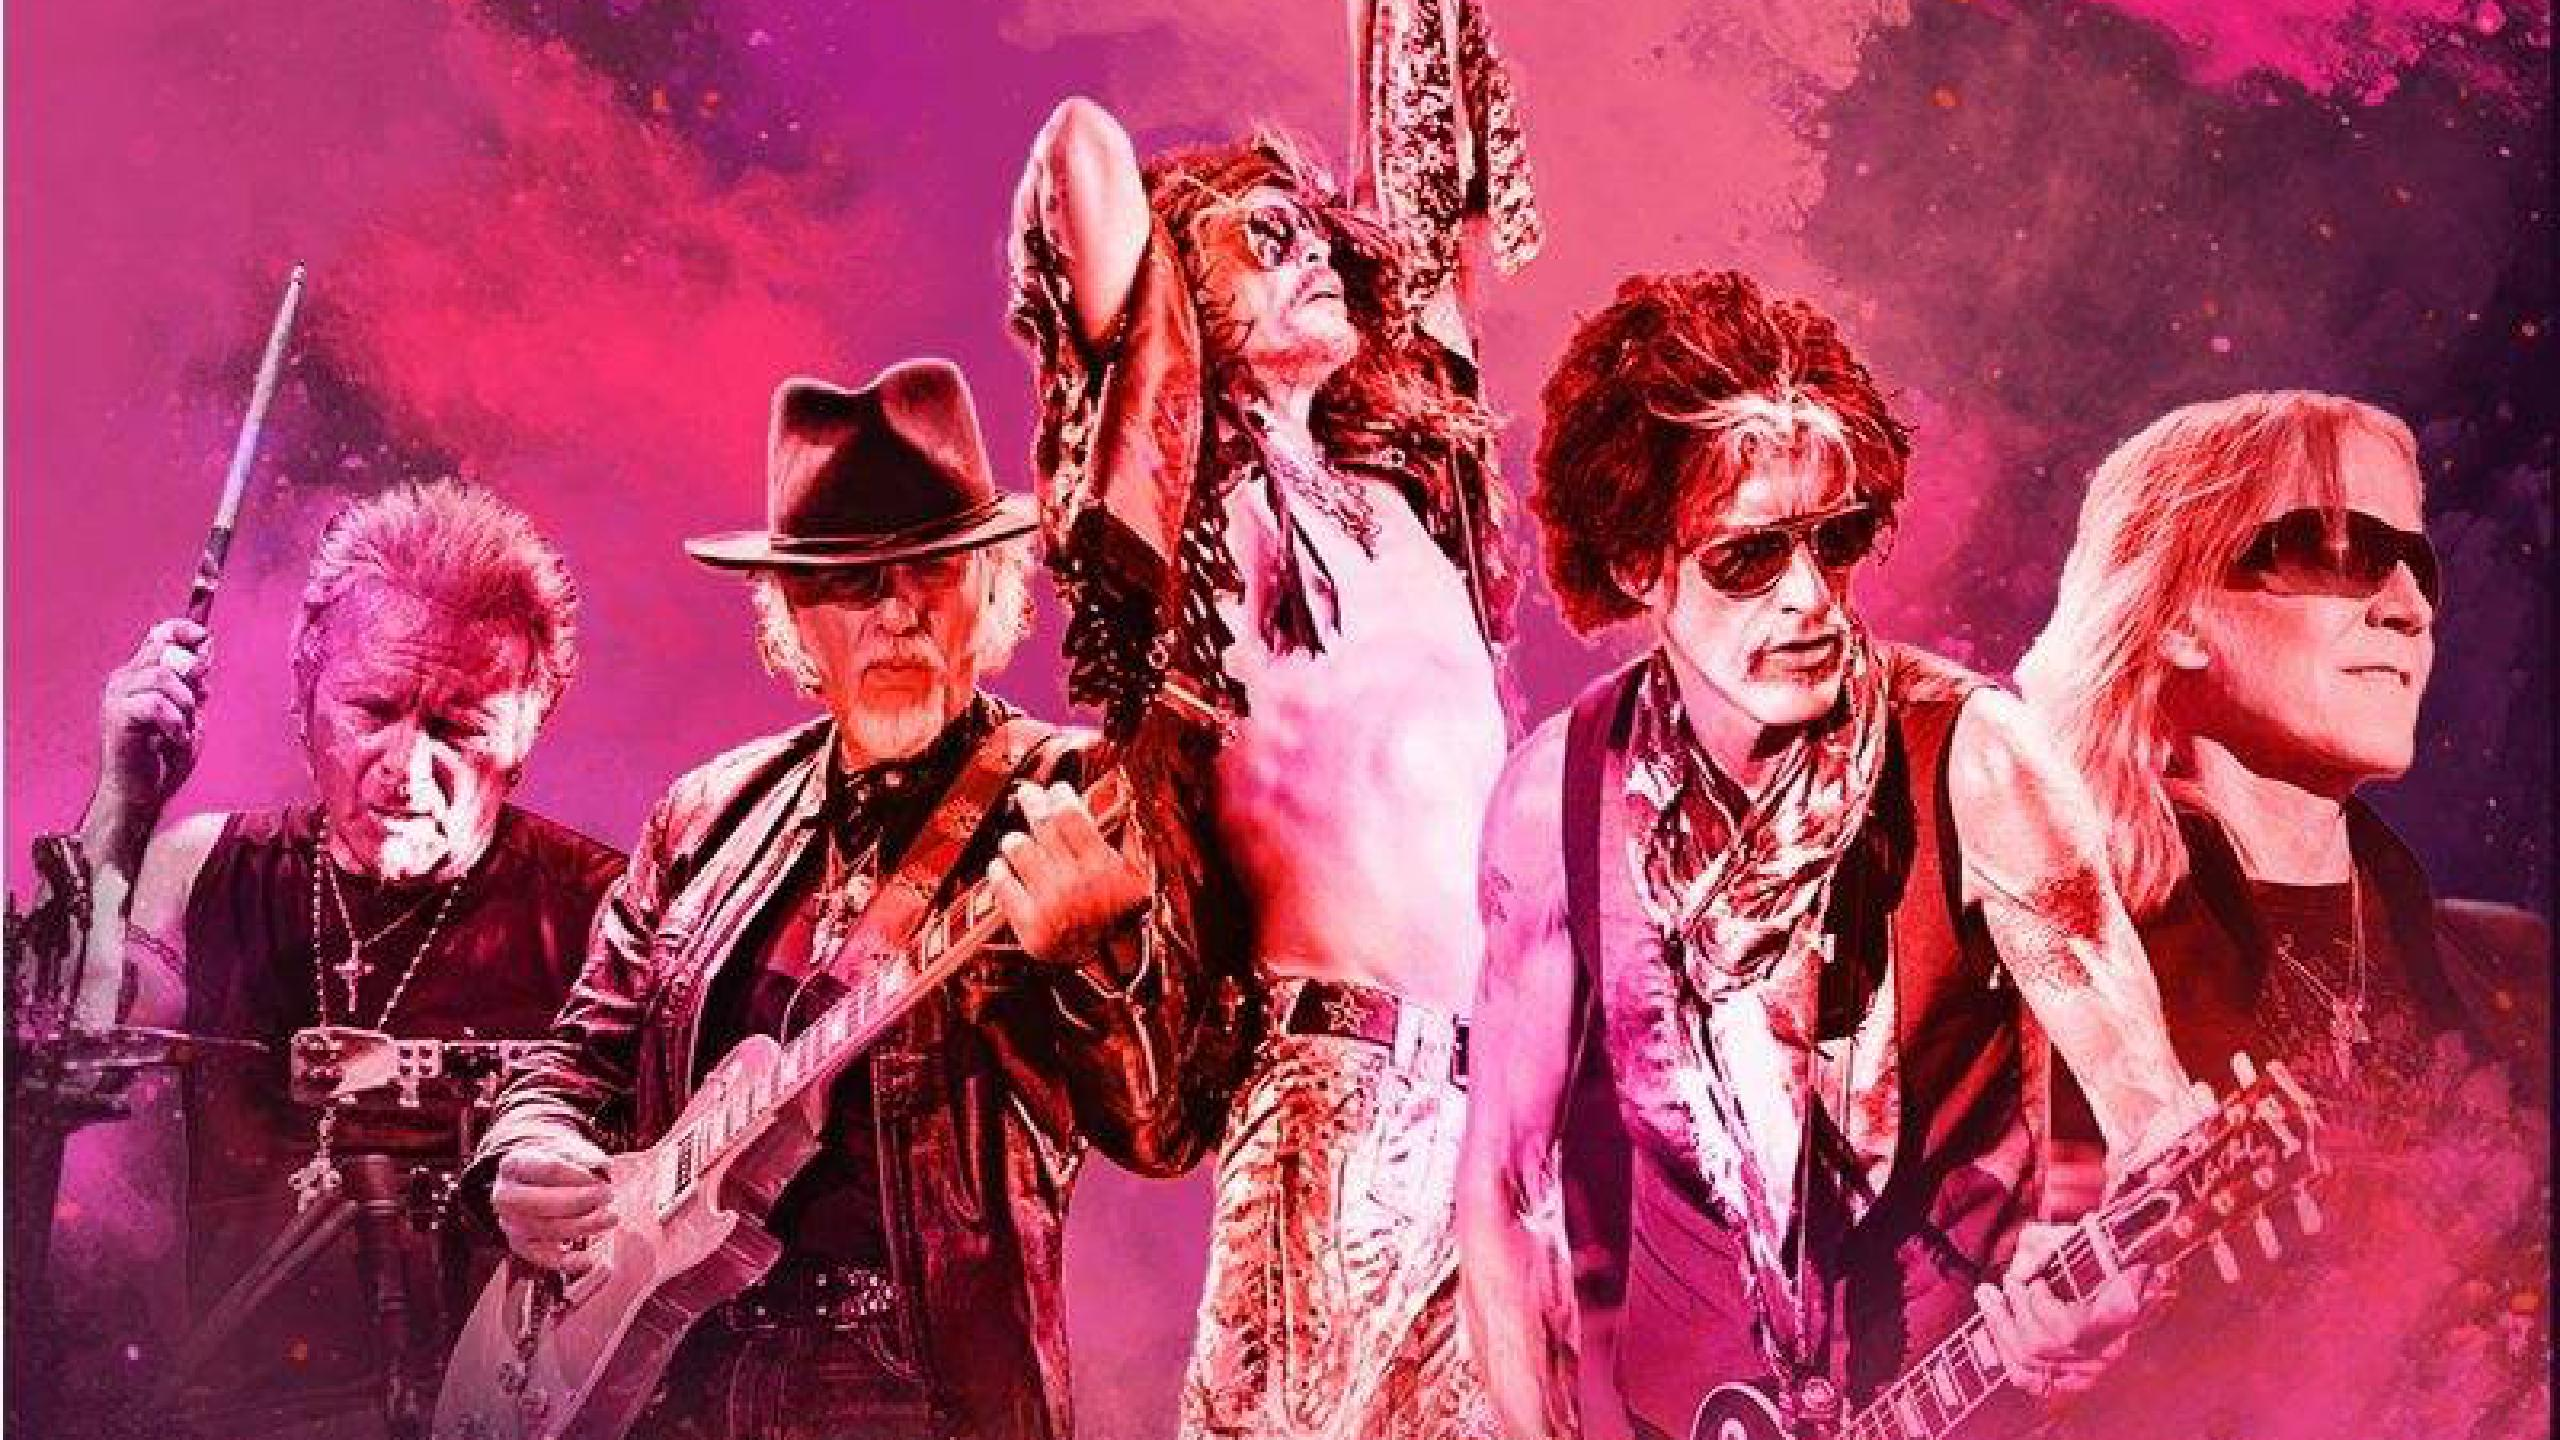 Aerosmith Tour 2020 Usa Dates Aerosmith tour dates 2019 2020. Aerosmith tickets and concerts